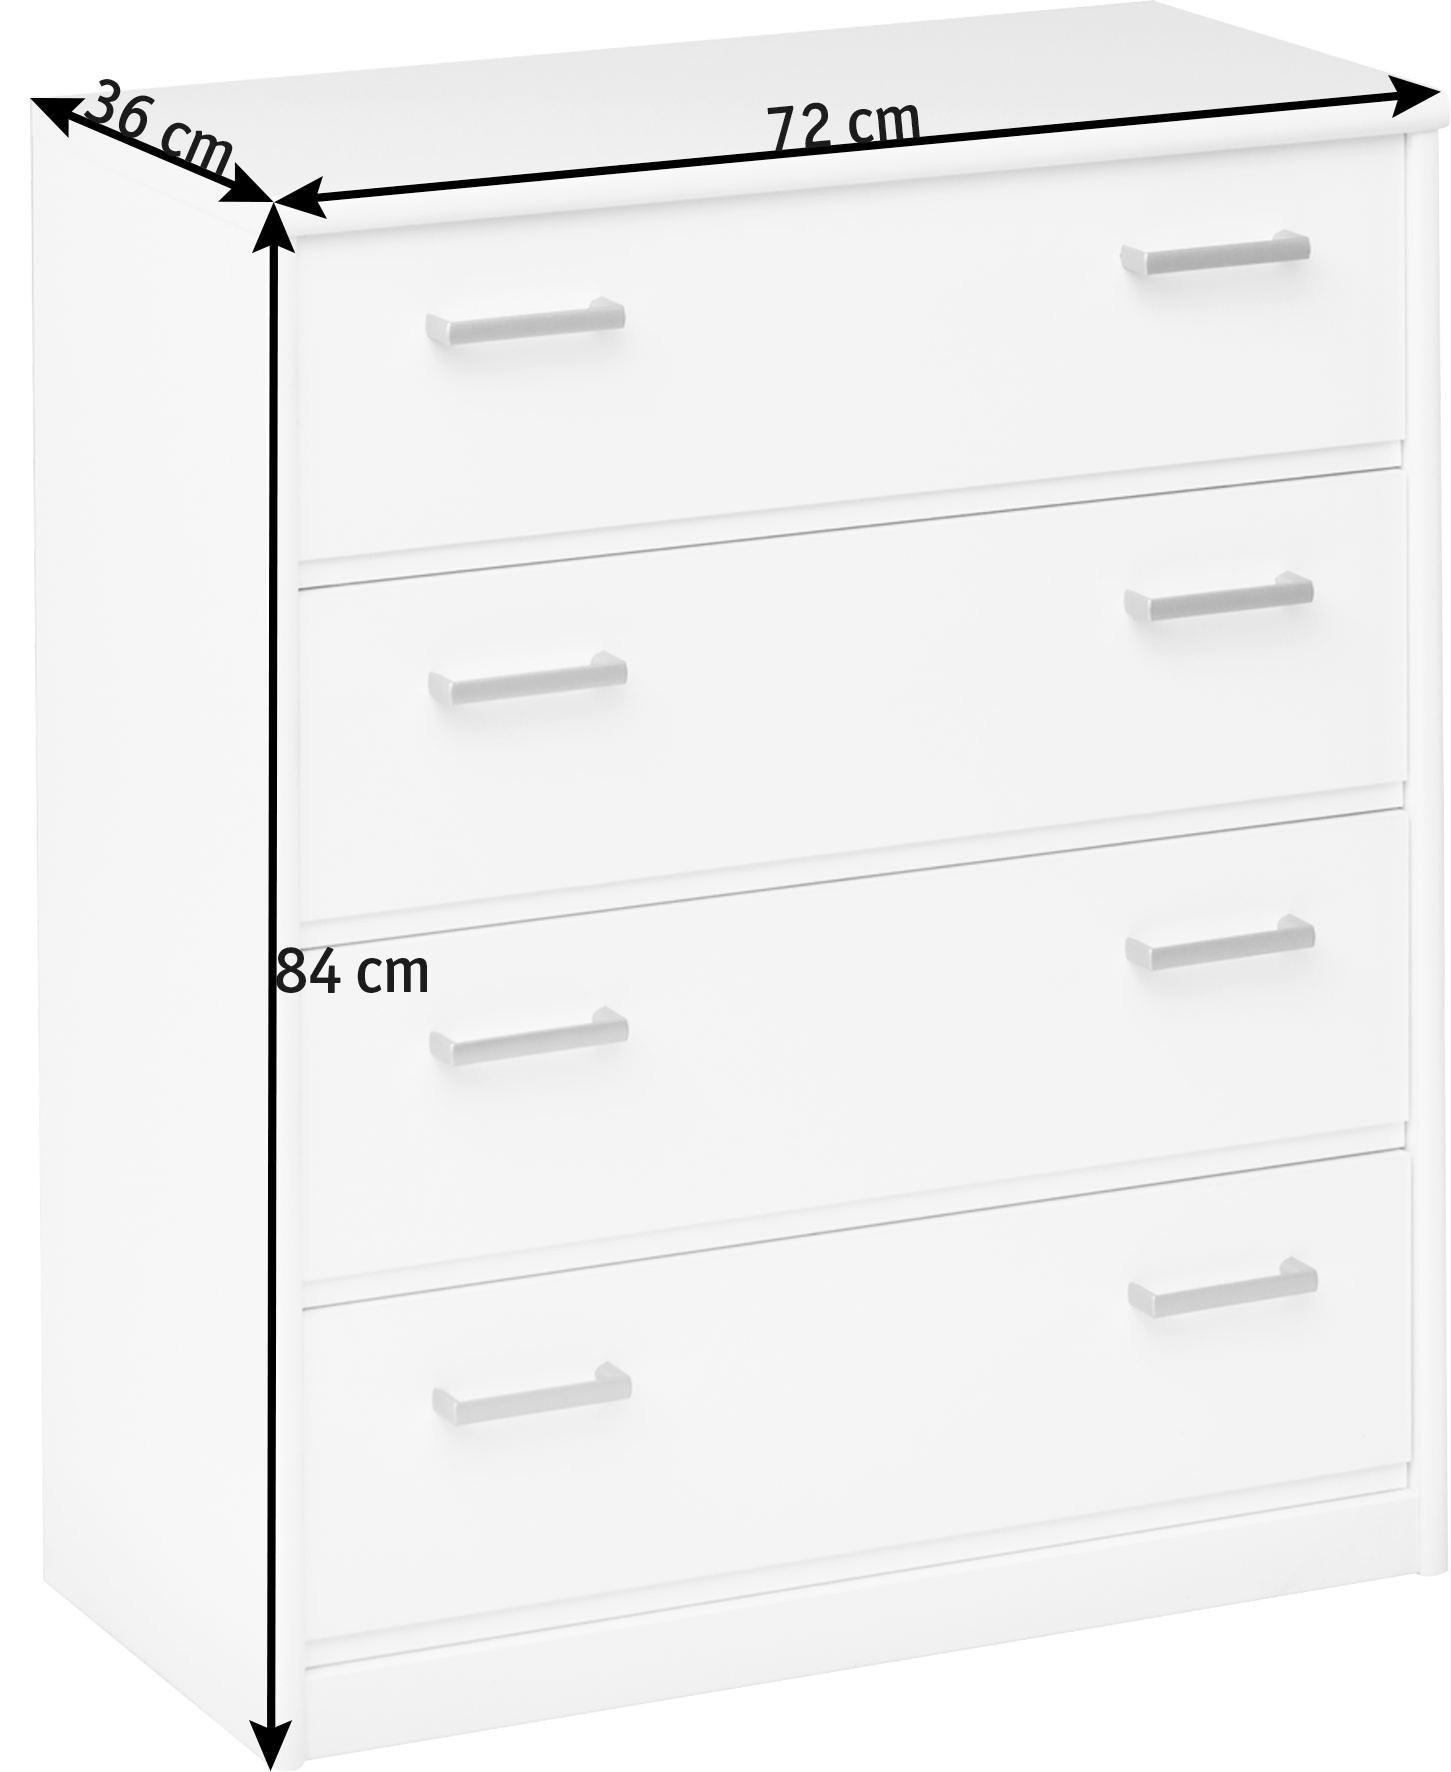 KOMODA - bijela/boje srebra, Konvencionalno, drvni materijal/plastika (72/84/36cm) - CS SCHMAL